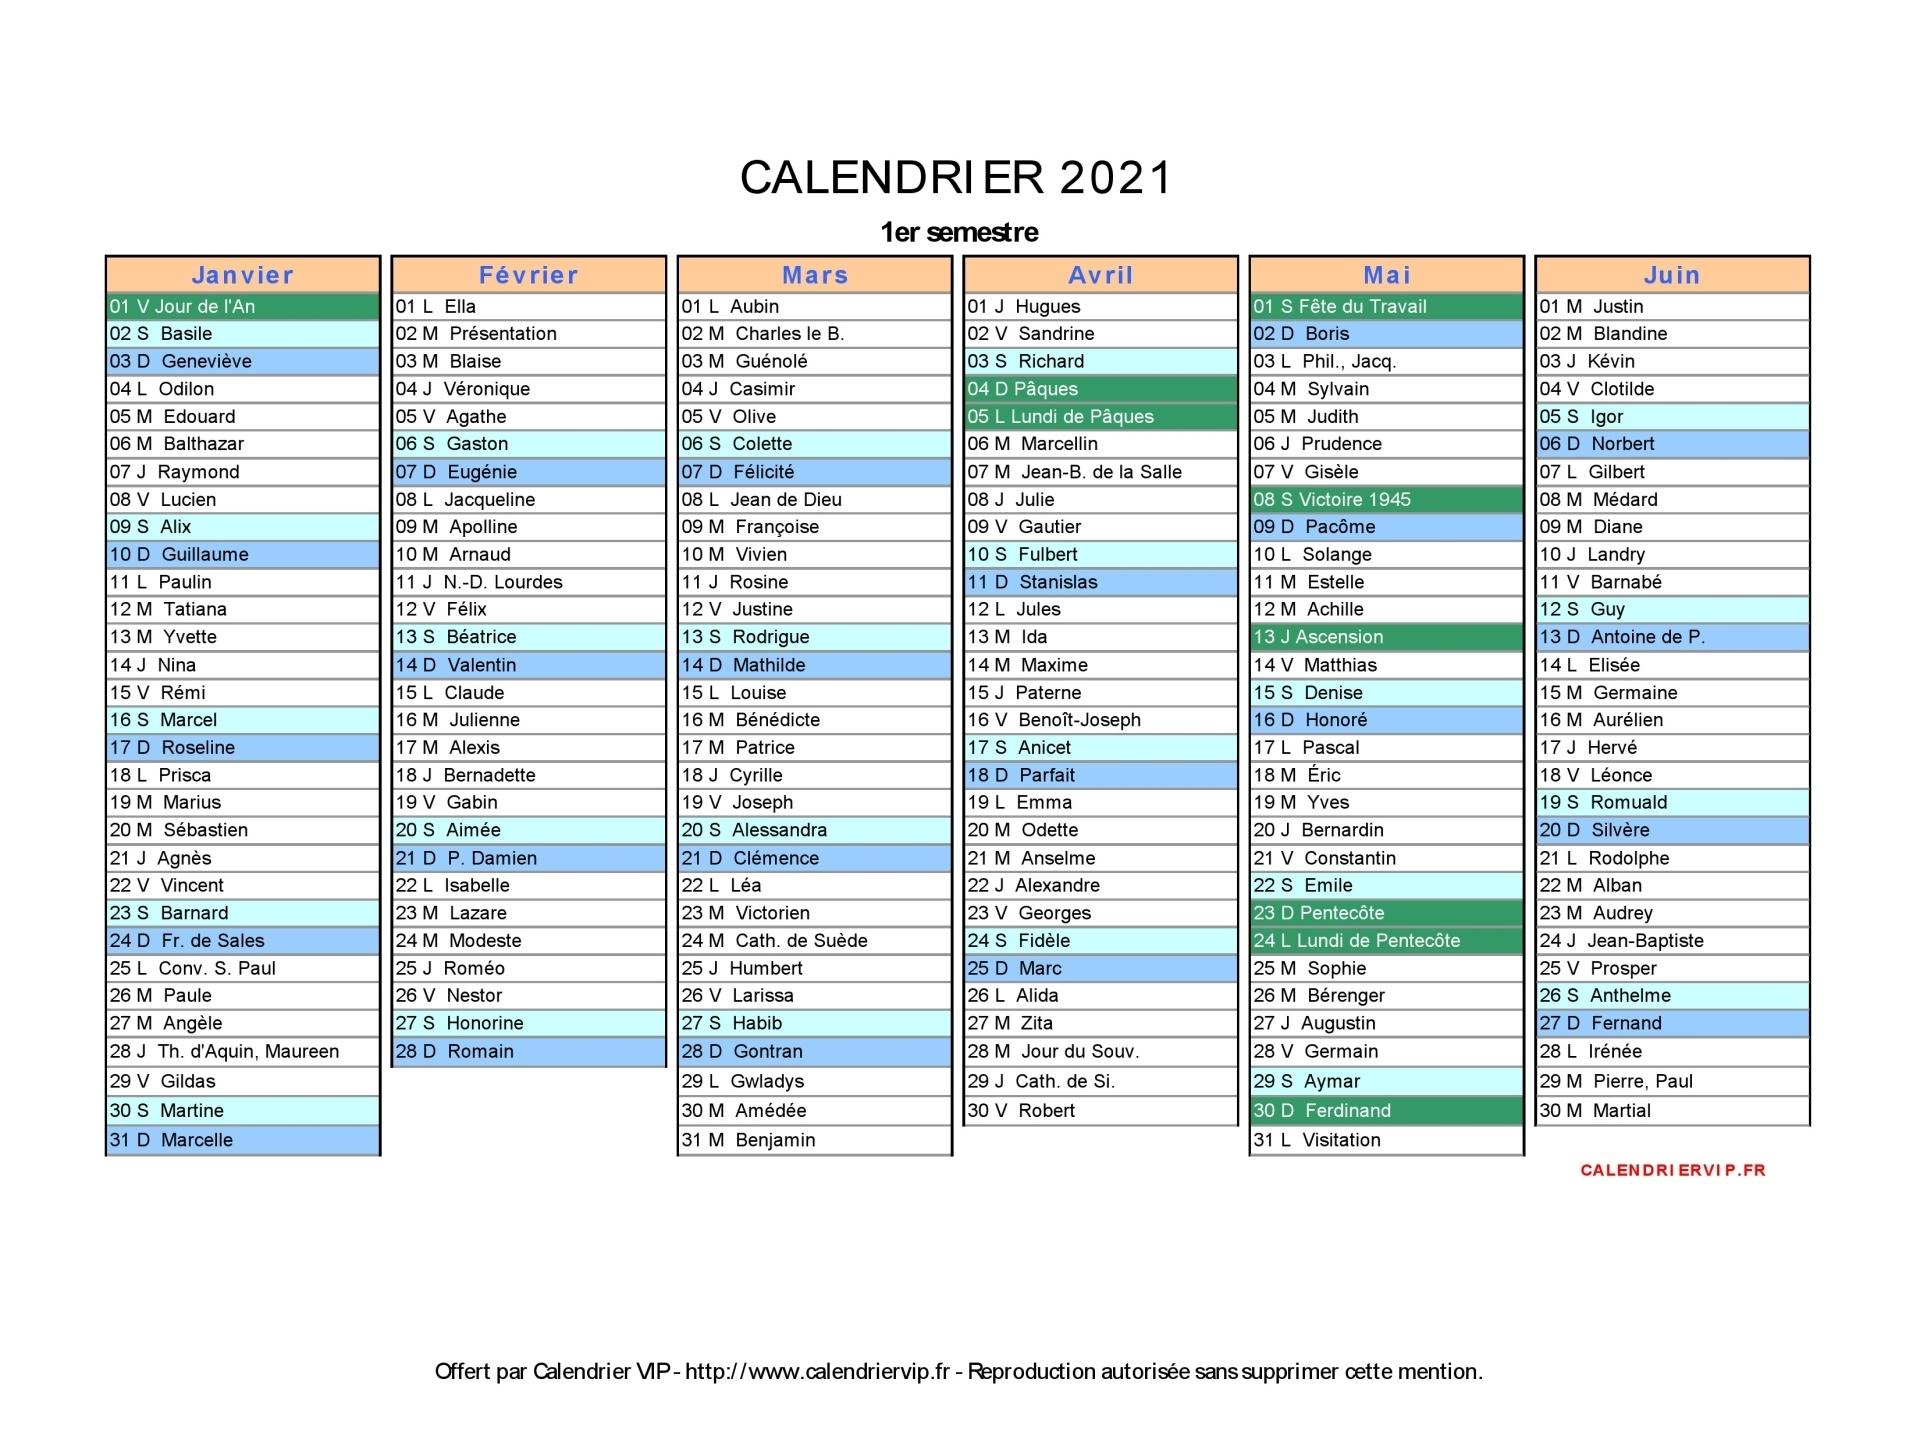 Calendrier 2021 Avec Vacances Scolaires Pdf Calendrier 2021 à imprimer gratuit en PDF et Excel